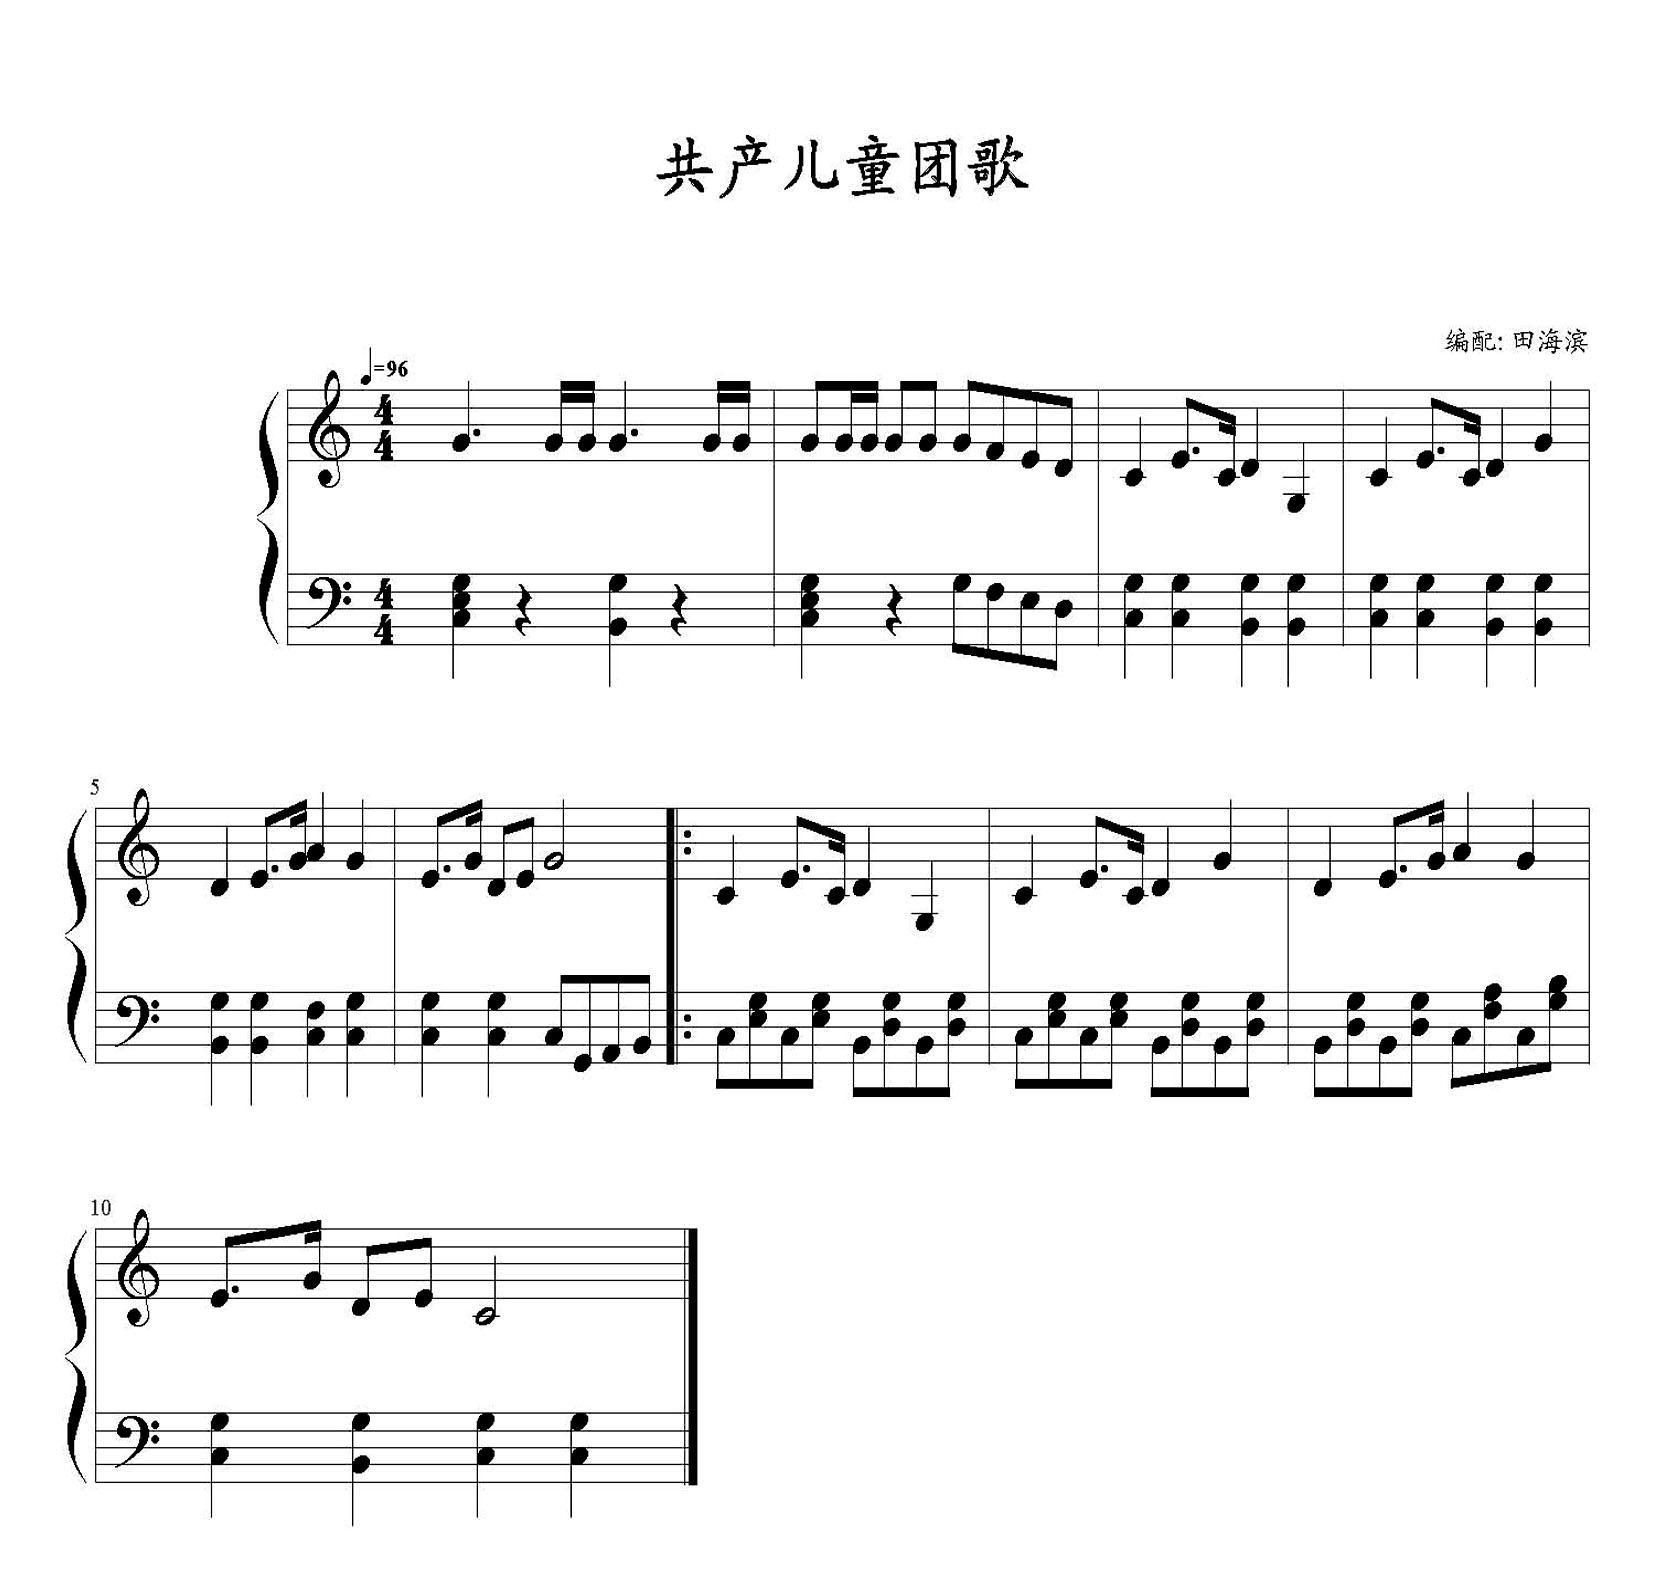 谁有共产儿童团团歌的钢琴谱!要有指法的